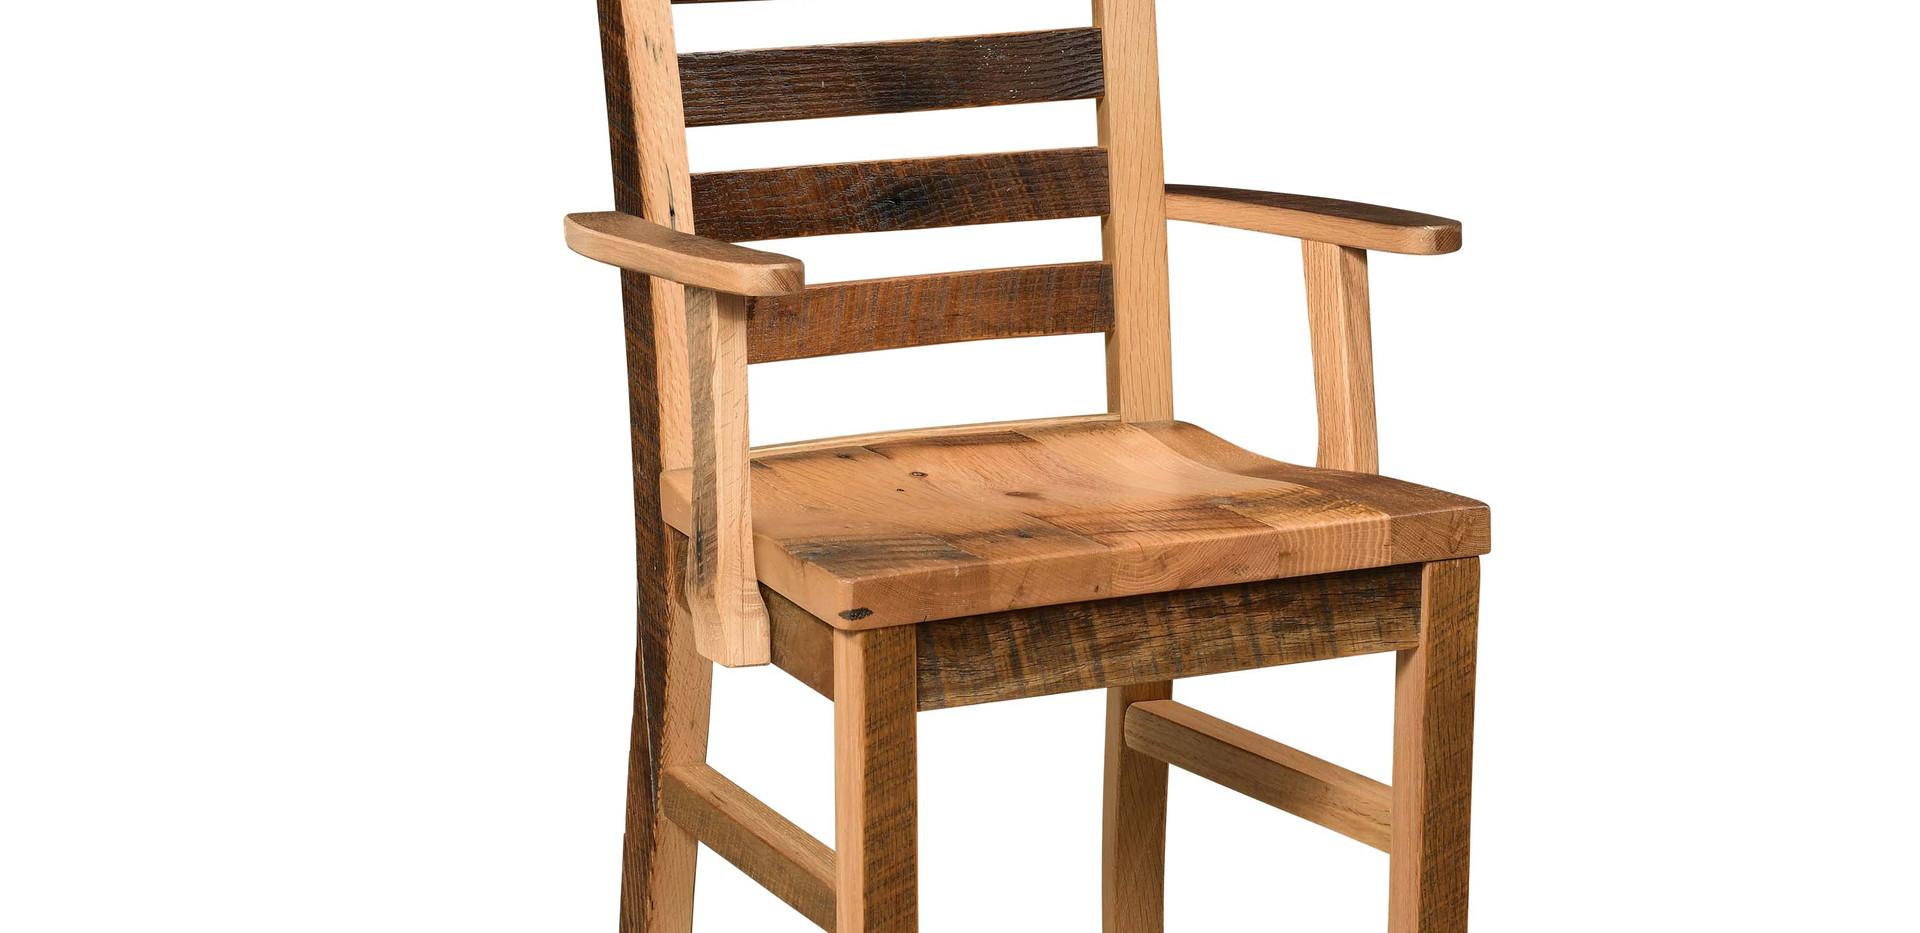 Kings Bridge Arm Chair